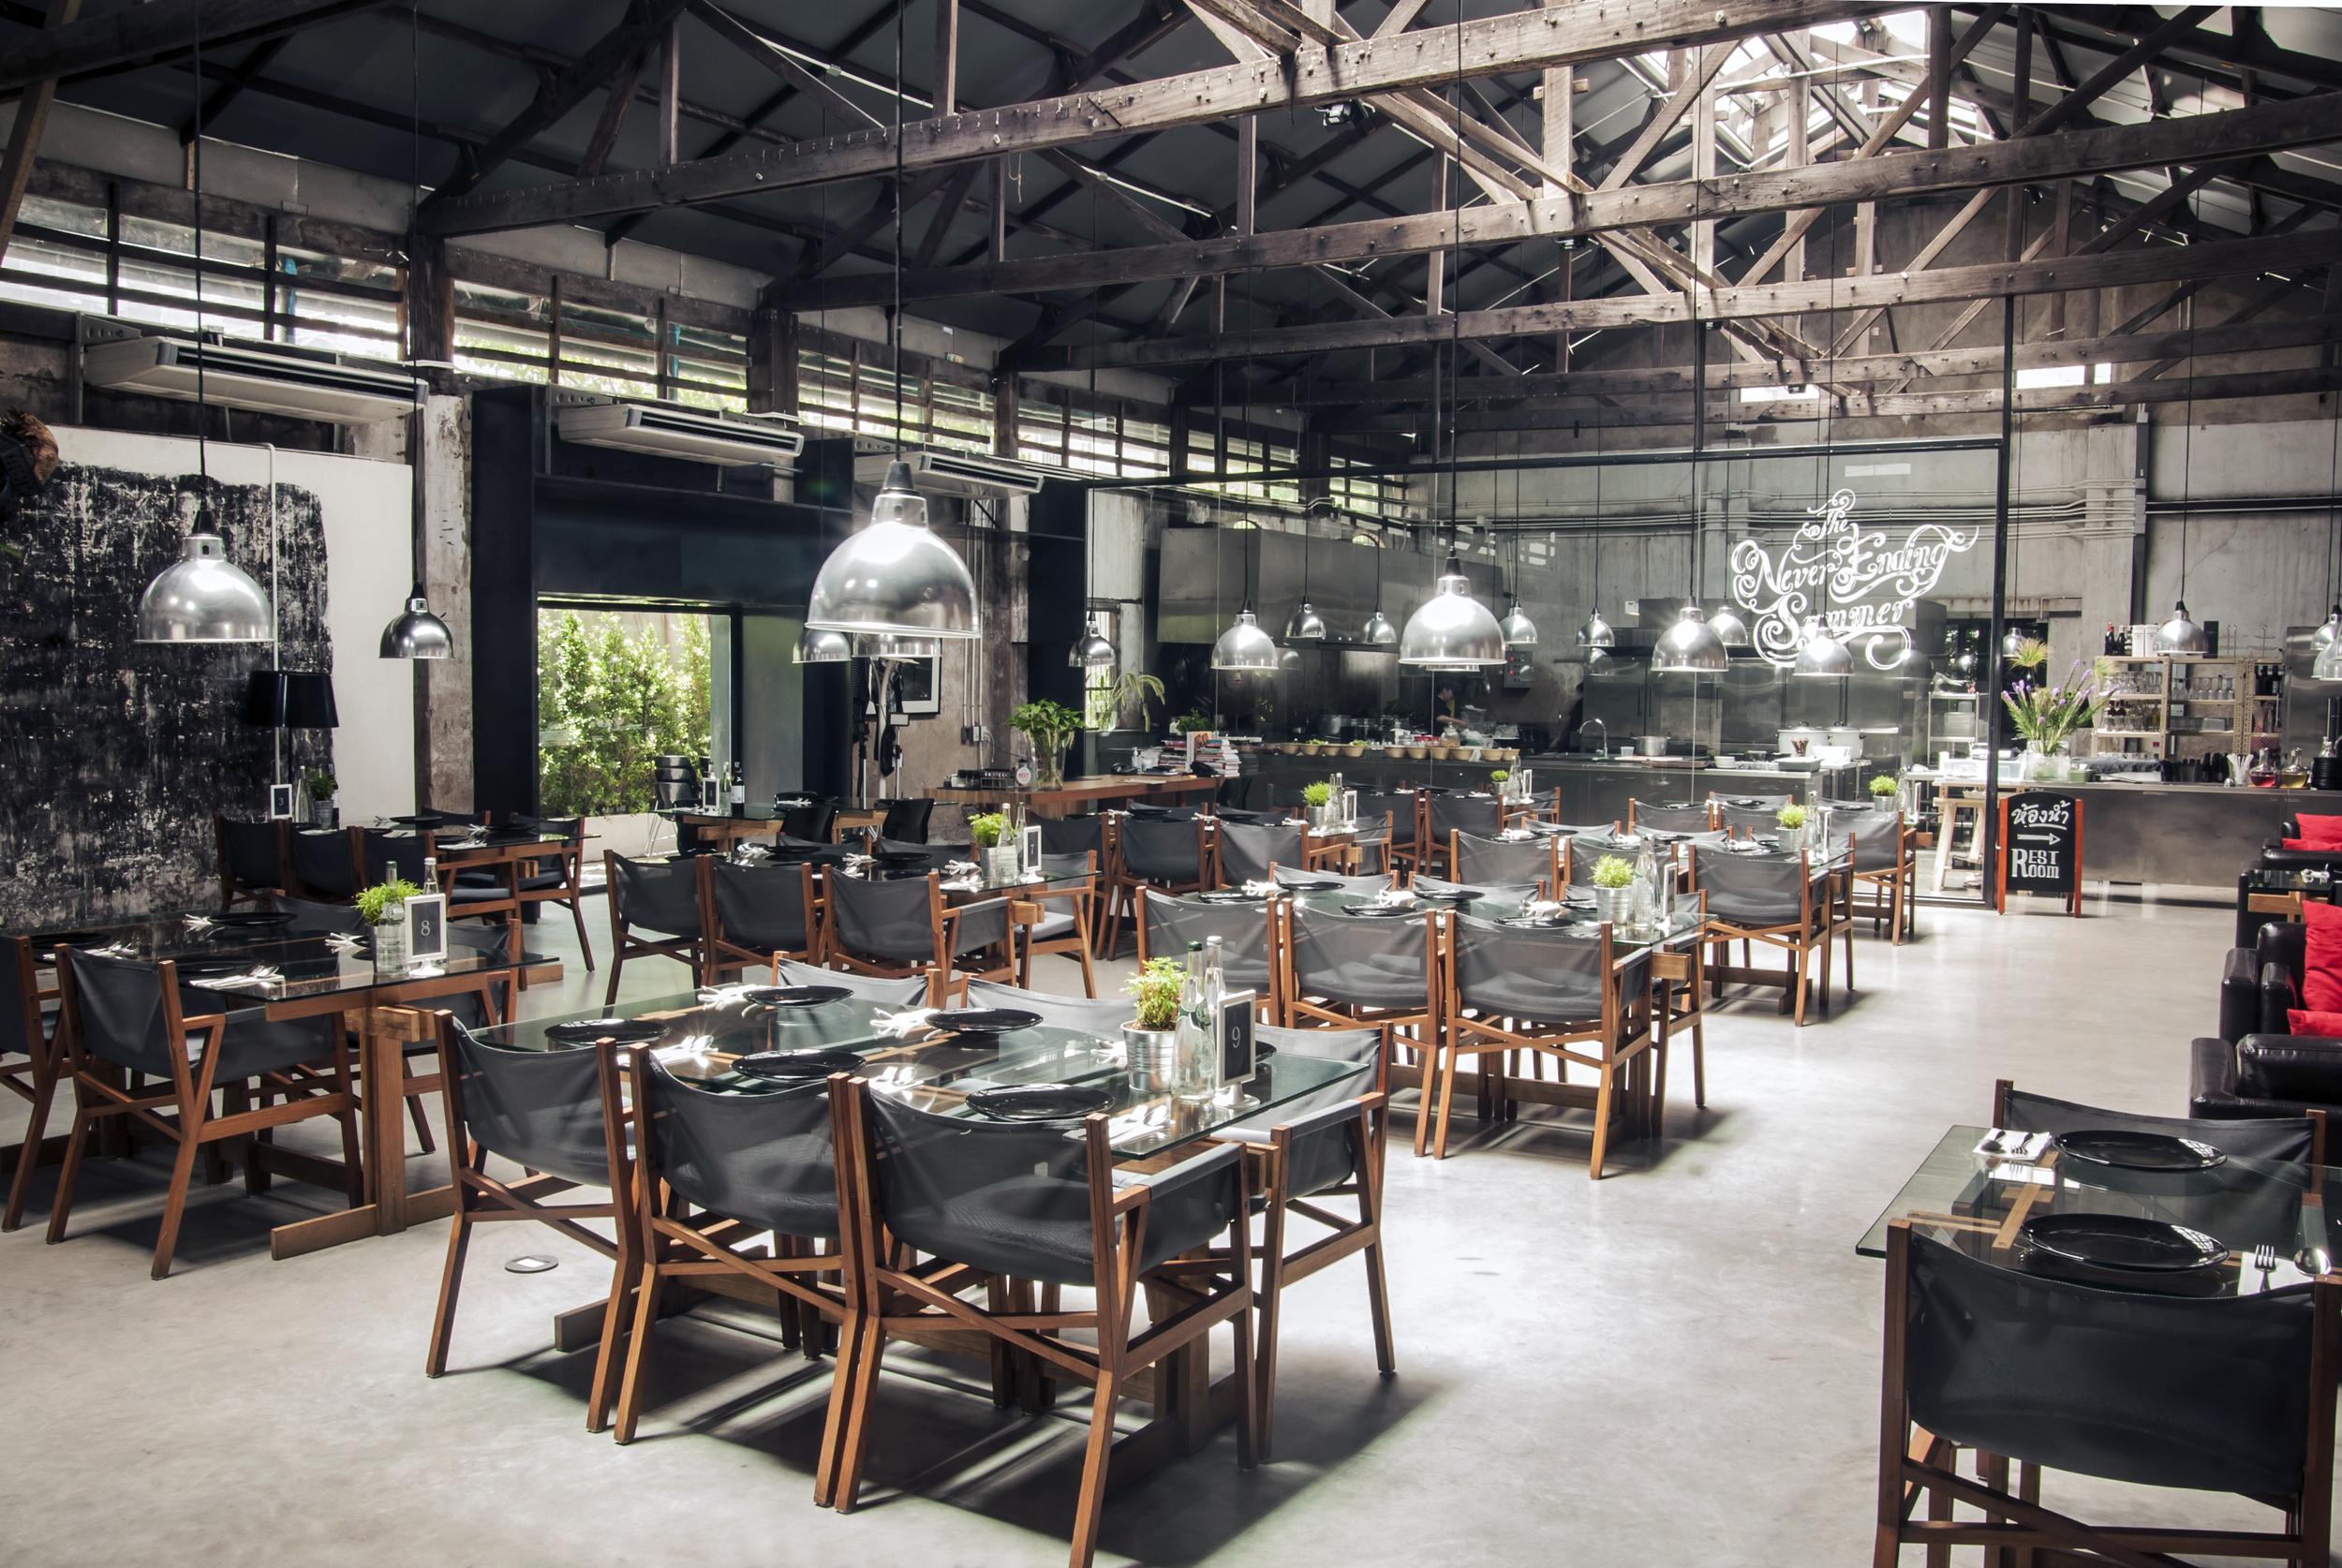 DB The Never Ending Summer Restaurant (C) Murray White.jpg